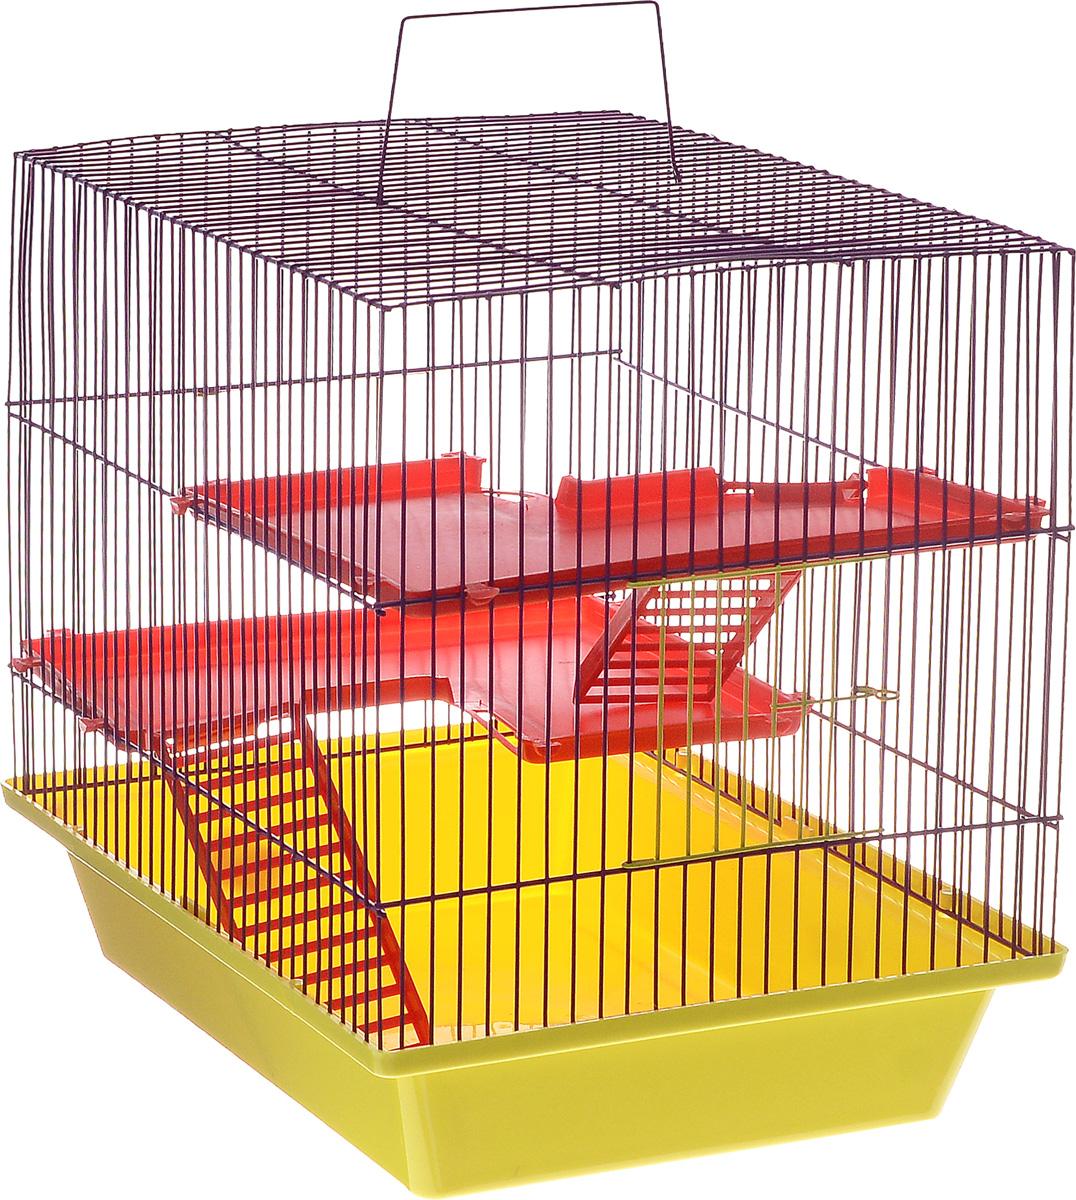 Клетка для грызунов ЗооМарк Гризли, 3-этажная, цвет: желтый поддон, фиолетовая решетка, красные этажи, 41 х 30 х 36 см240ж_желтый, фиолетовыйКлетка ЗооМарк Гризли, выполненная из полипропилена и металла, подходит для мелких грызунов. Изделие трехэтажное. Клетка имеет яркий поддон, удобна в использовании и легко чистится. Сверху имеется ручка для переноски.Такая клетка станет уединенным личным пространством и уютным домиком для маленького грызуна.